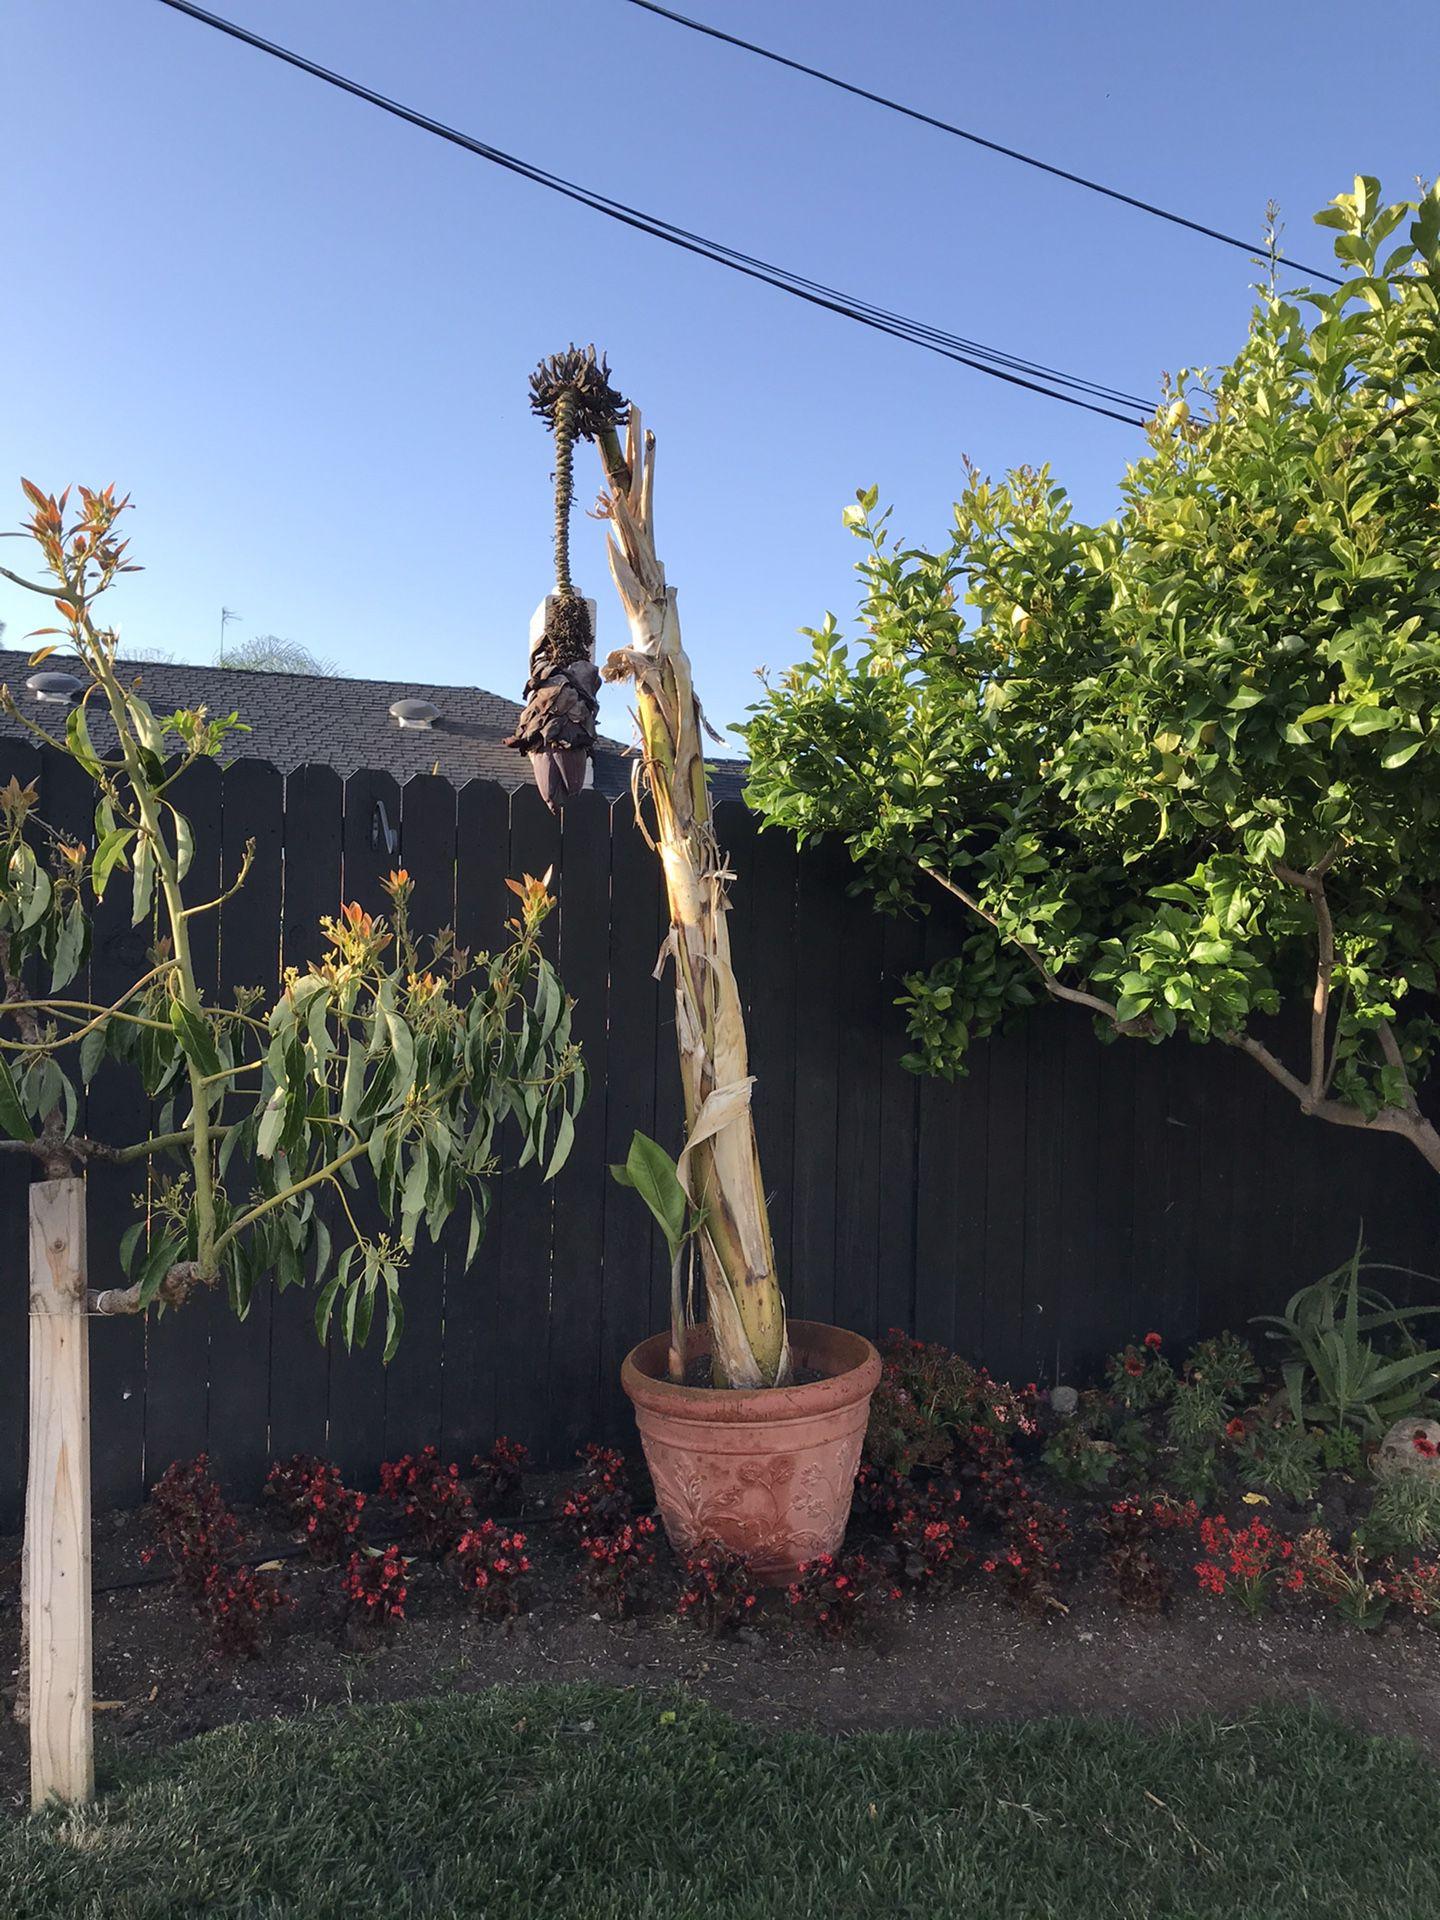 Banana tree and ginger